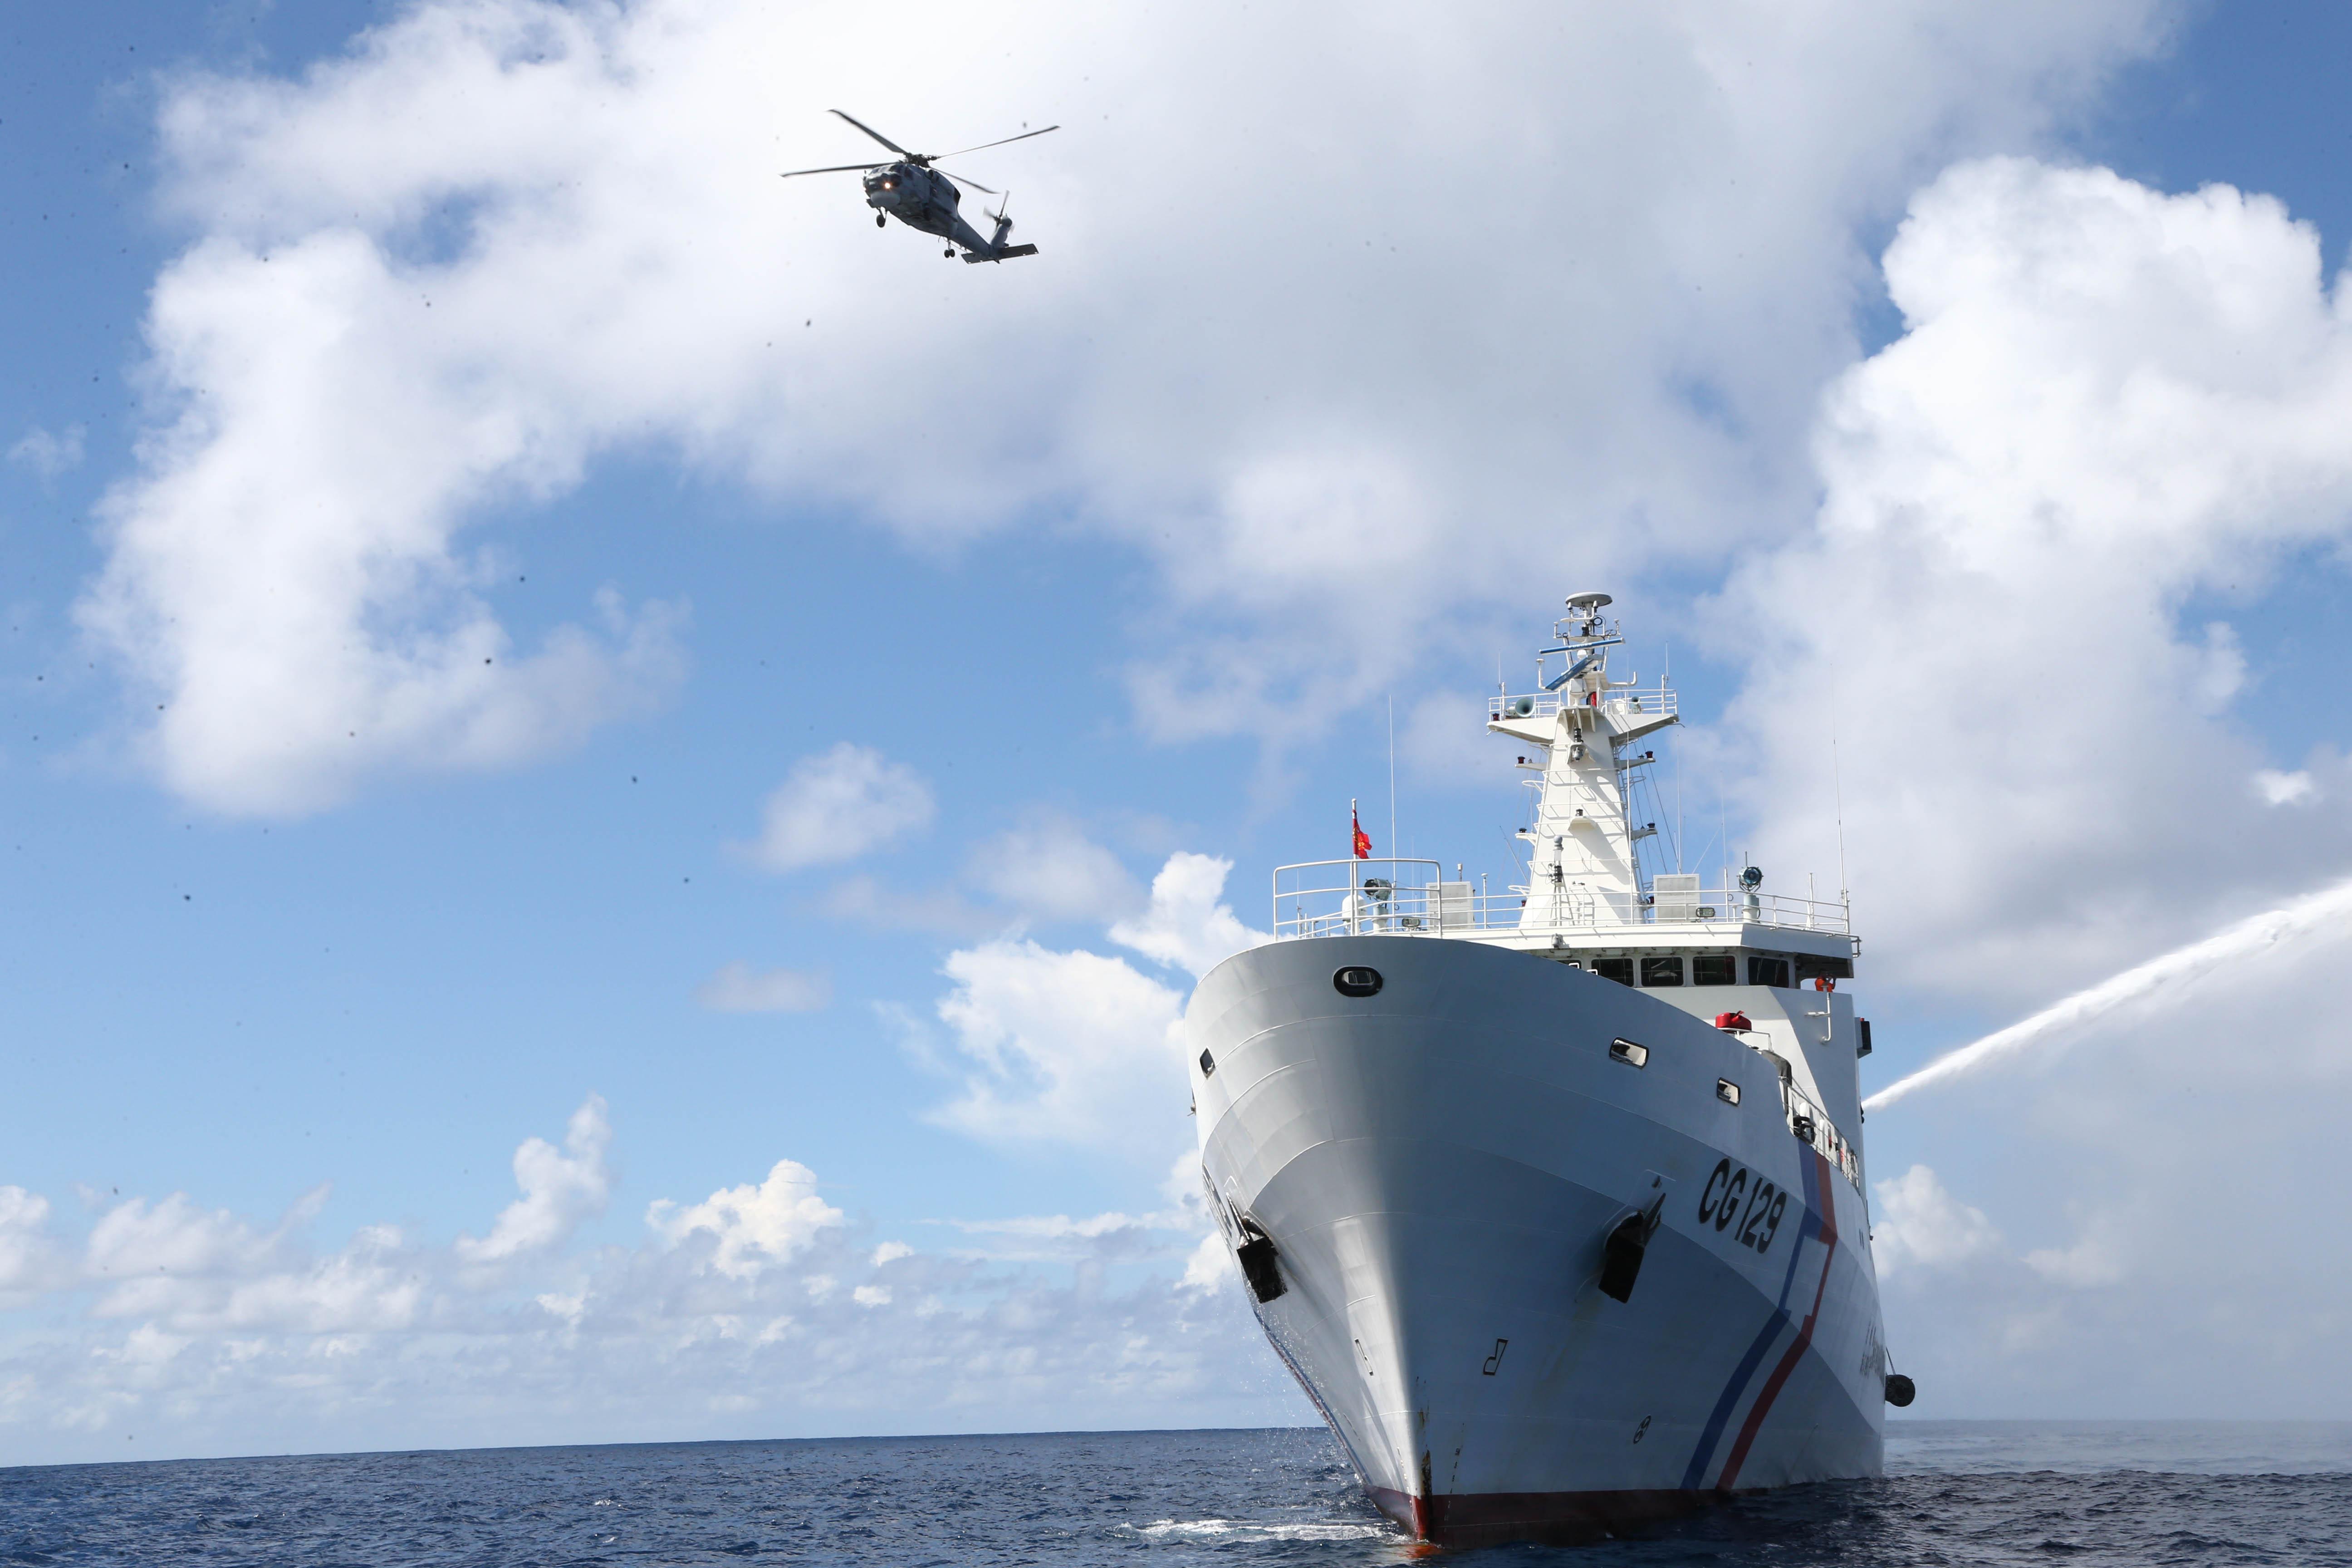 海委會,海巡署,航空分署,灰色地帶衝突,日本海上保安廳,C-130,海軍,空軍